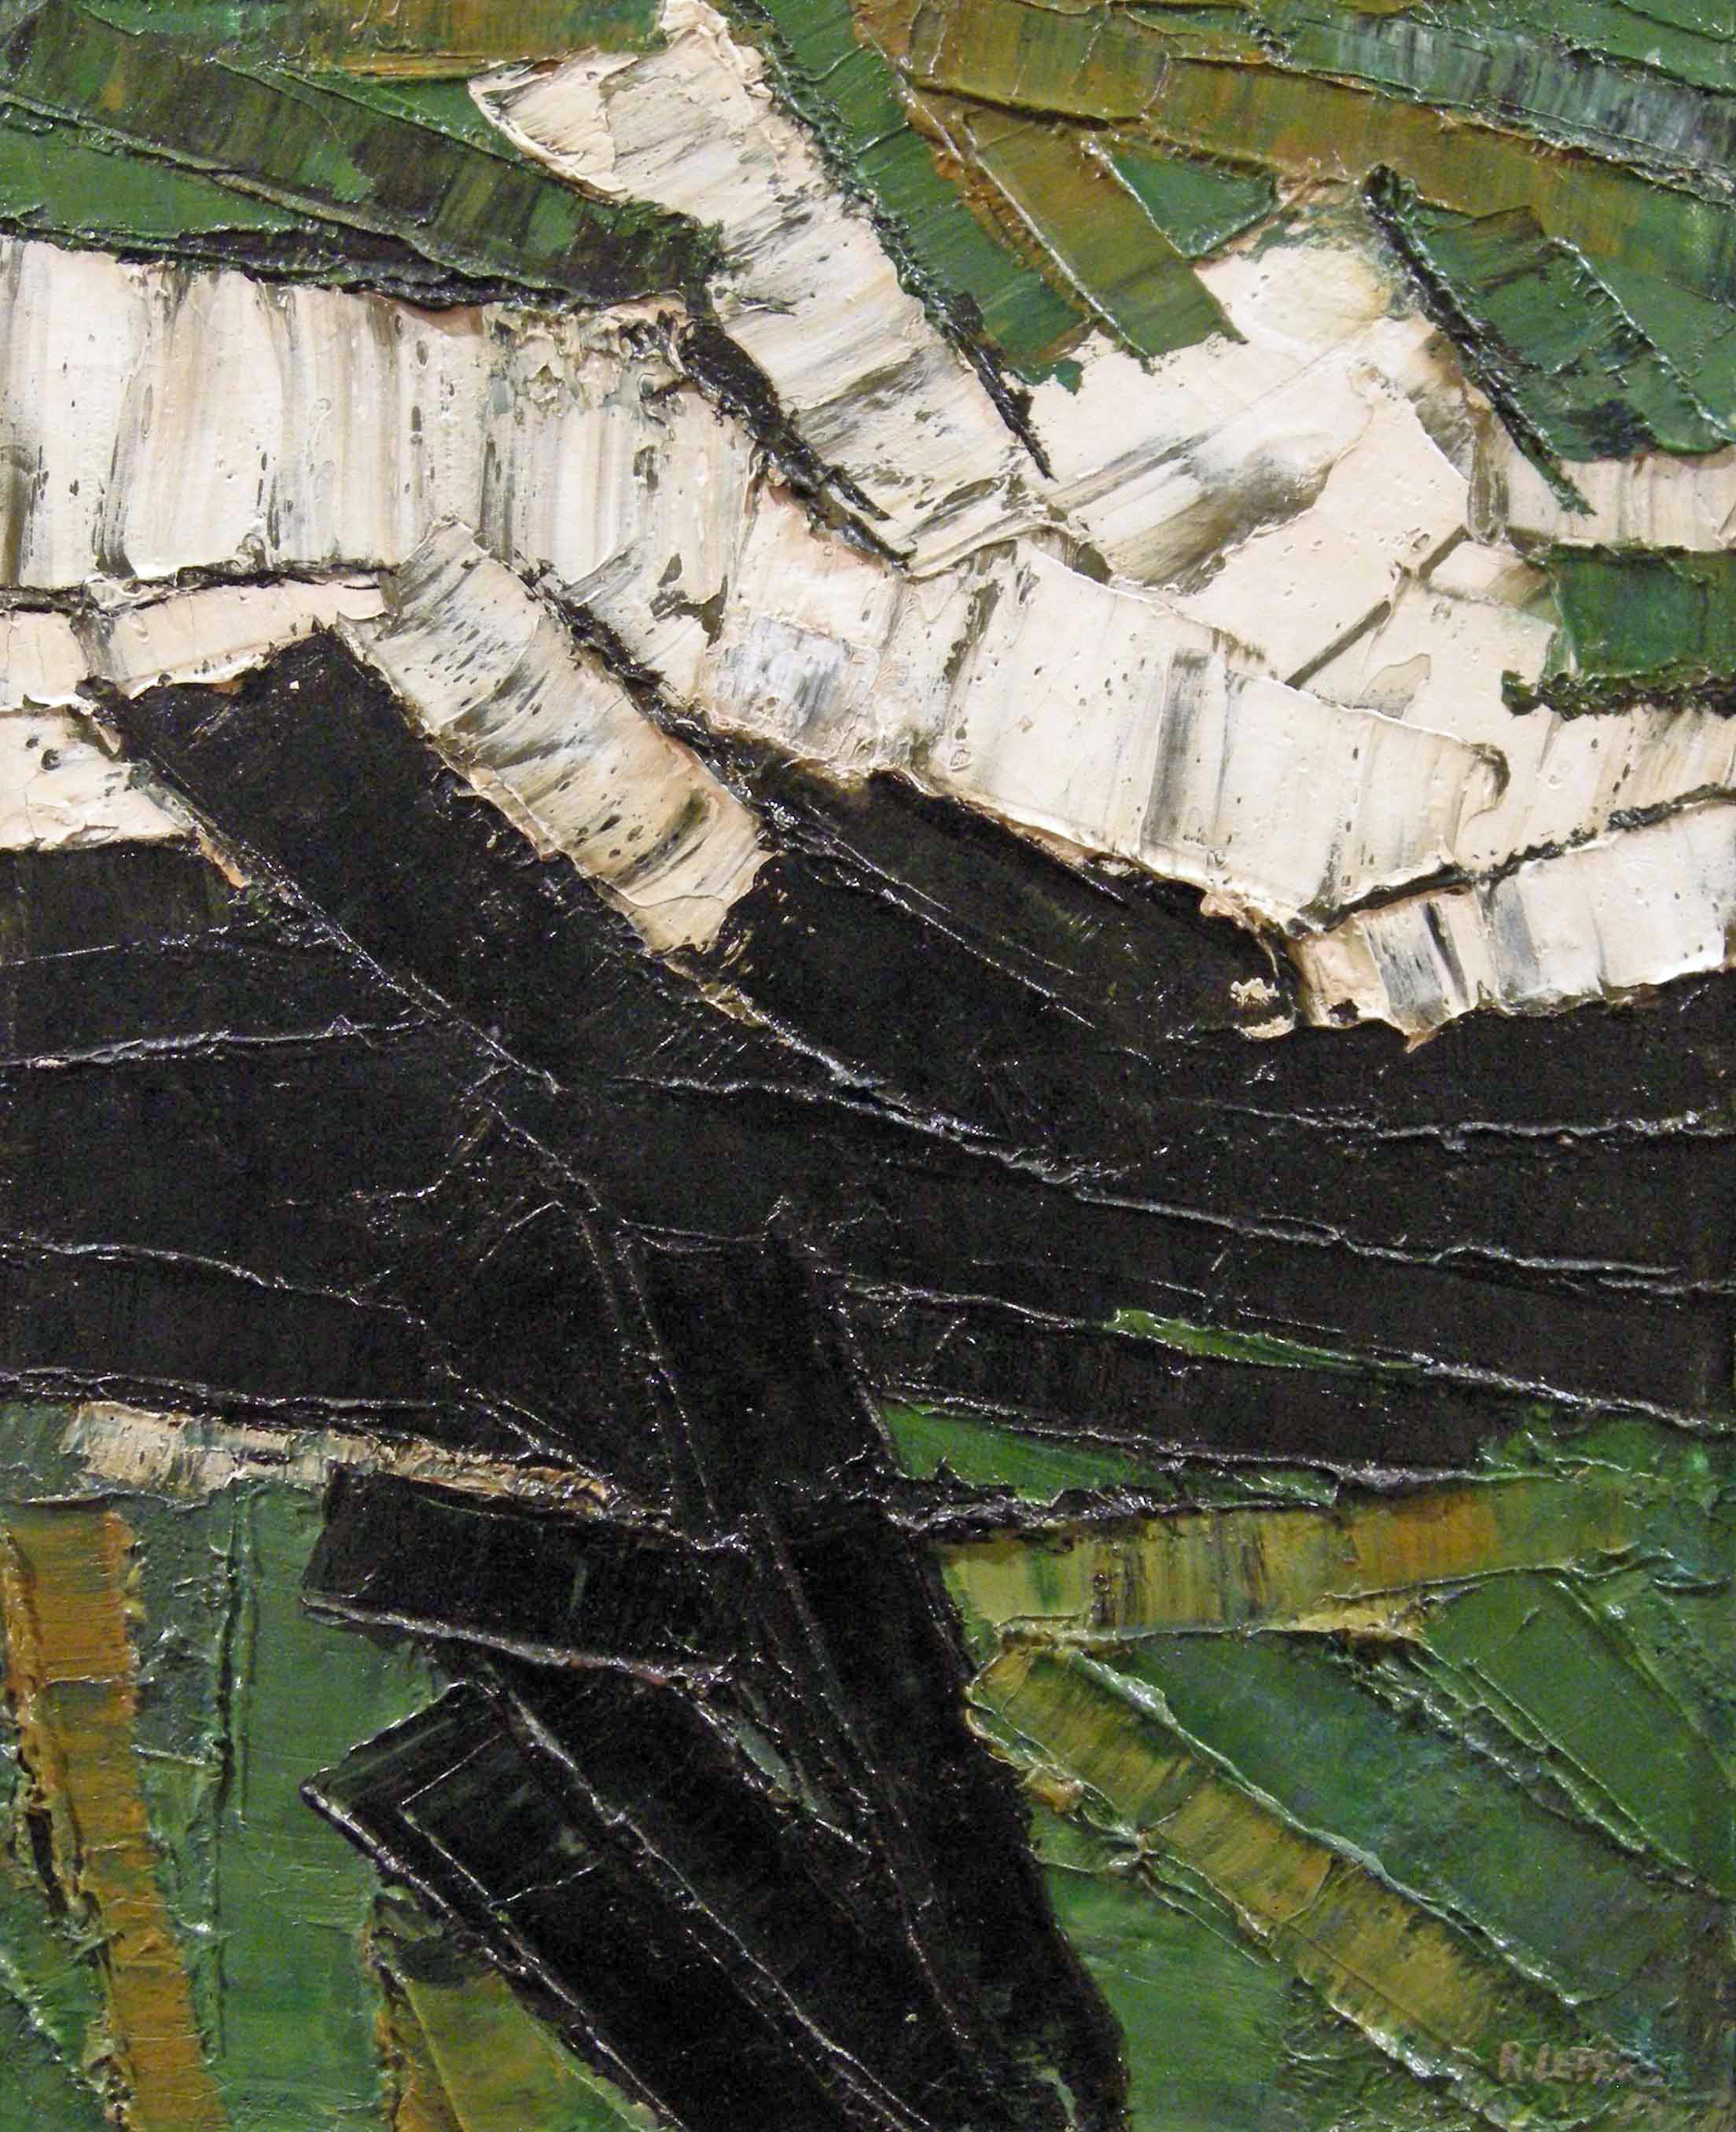 Rita Letendre (born 1928), Le chemin de l'angoisse 1959, acrylic on canvas, 41.9 × 33 cm, Private Collection